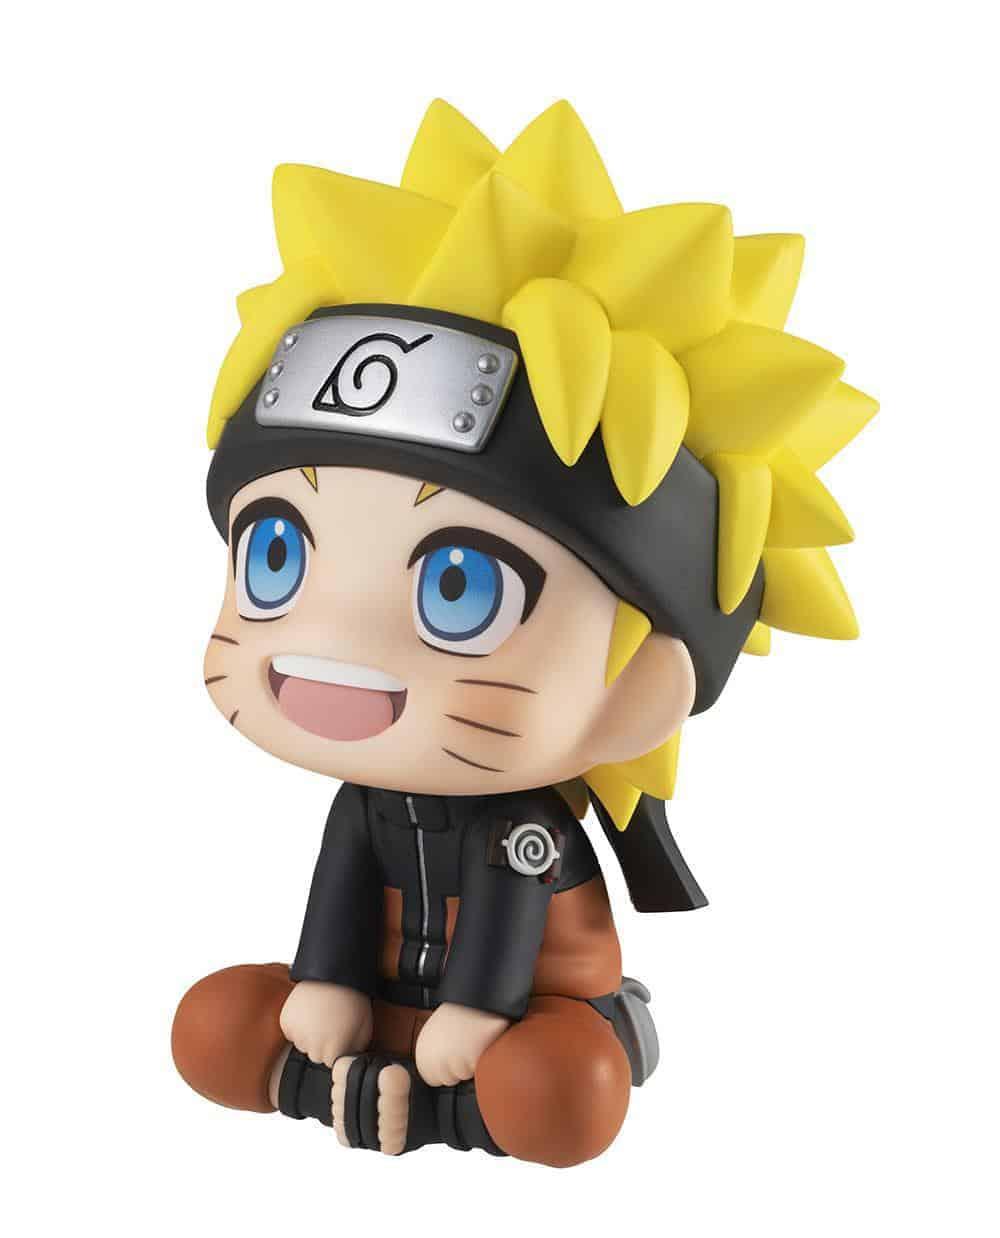 Naruto Shippuden Uzumaki Naruto Lookup Series Figures 2